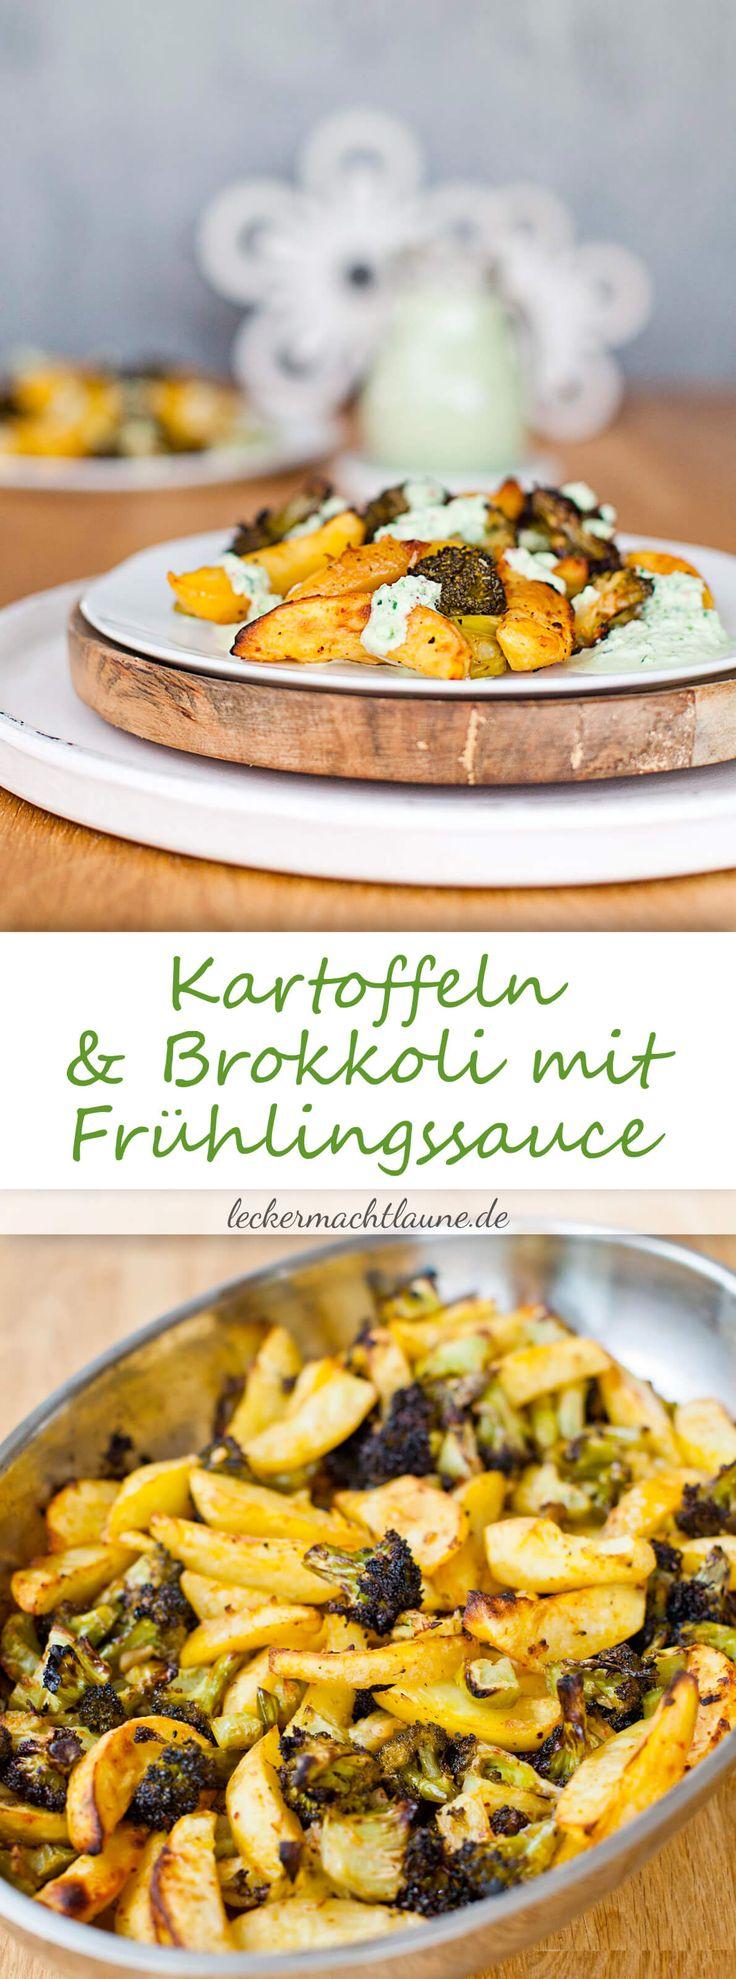 Sehr leckeres Abendessen (oder auch Mittags), das mit wenig Aufwand zubereitet ist: Ofengeröstete Kartoffeln und Brokkoli mit Frühlingssauce.